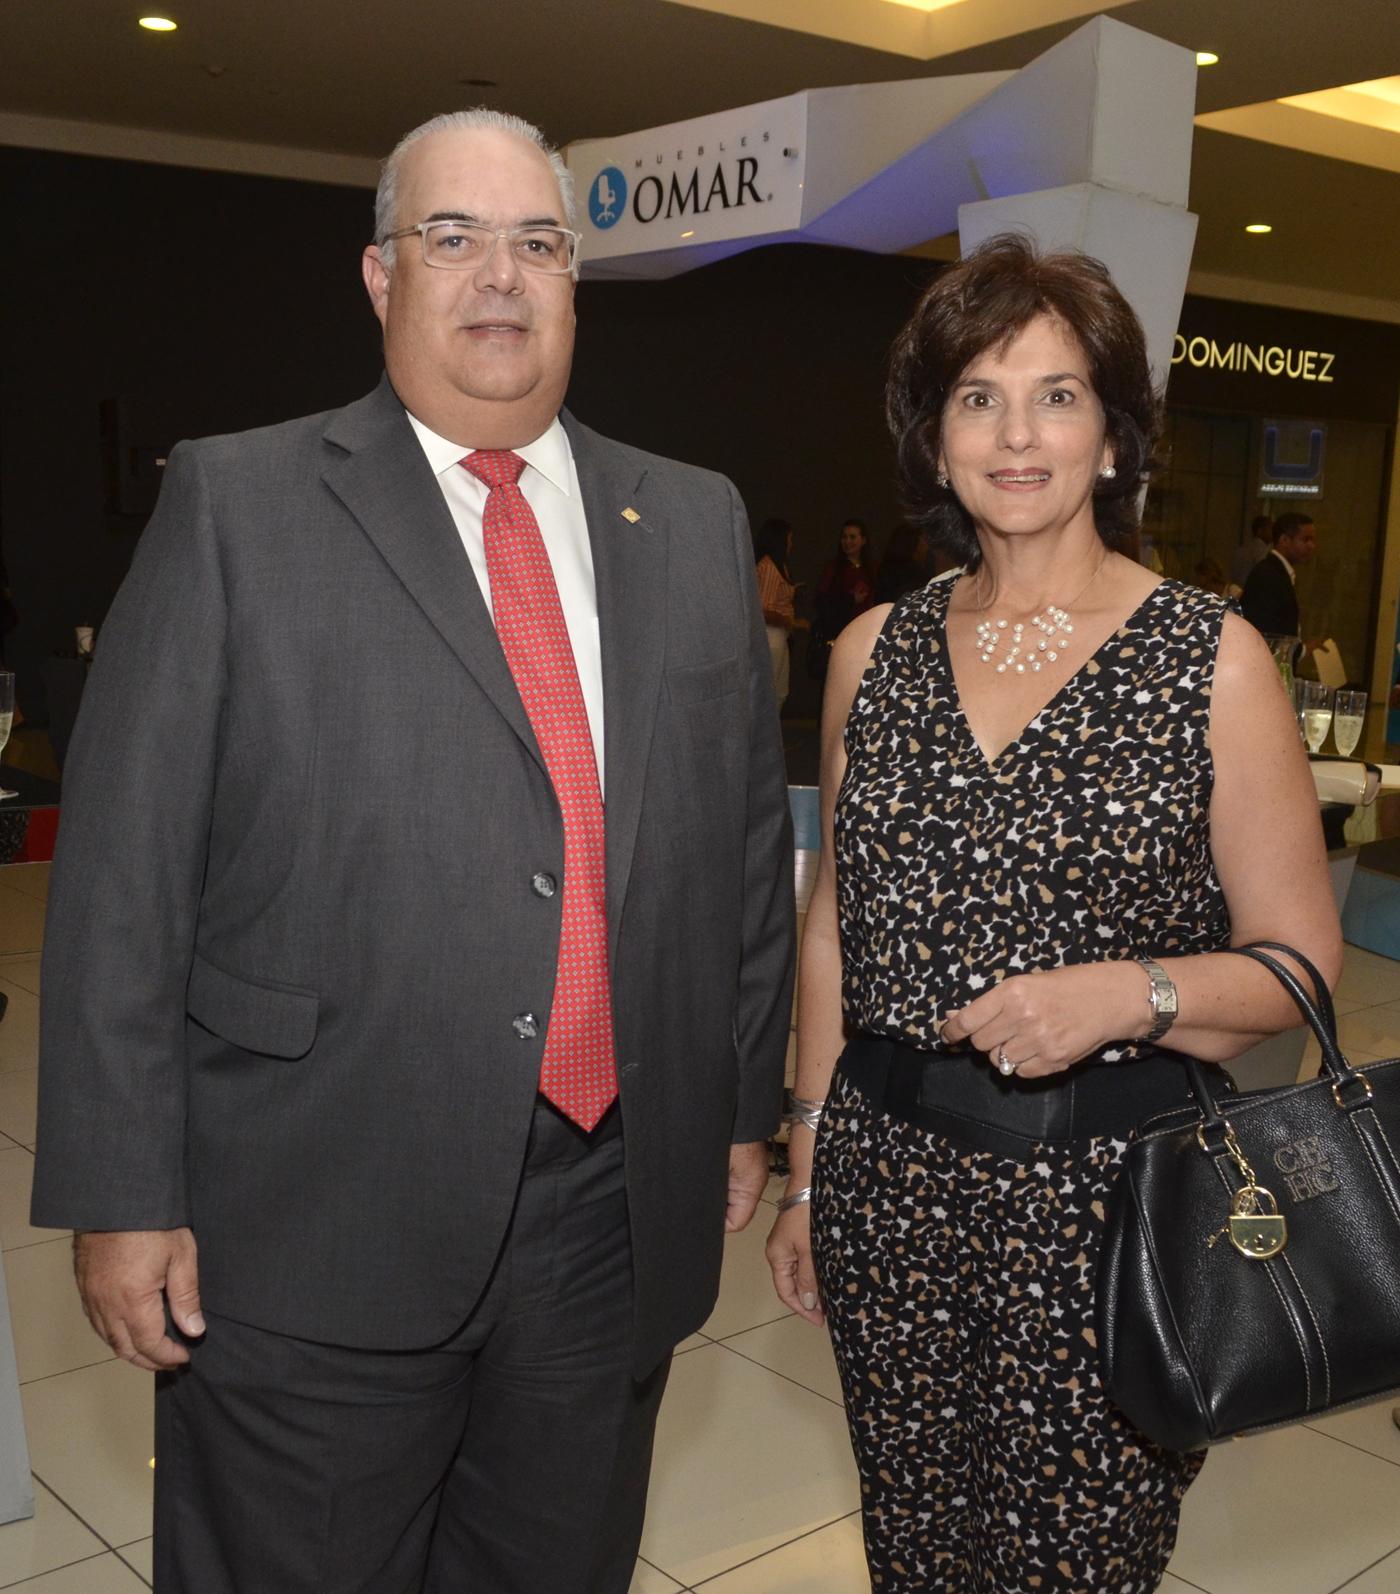 Muebles Omar Presenta Nuevas L Neas De Dise Os Periodico Diario  # Muebles Omar Santo Domingo